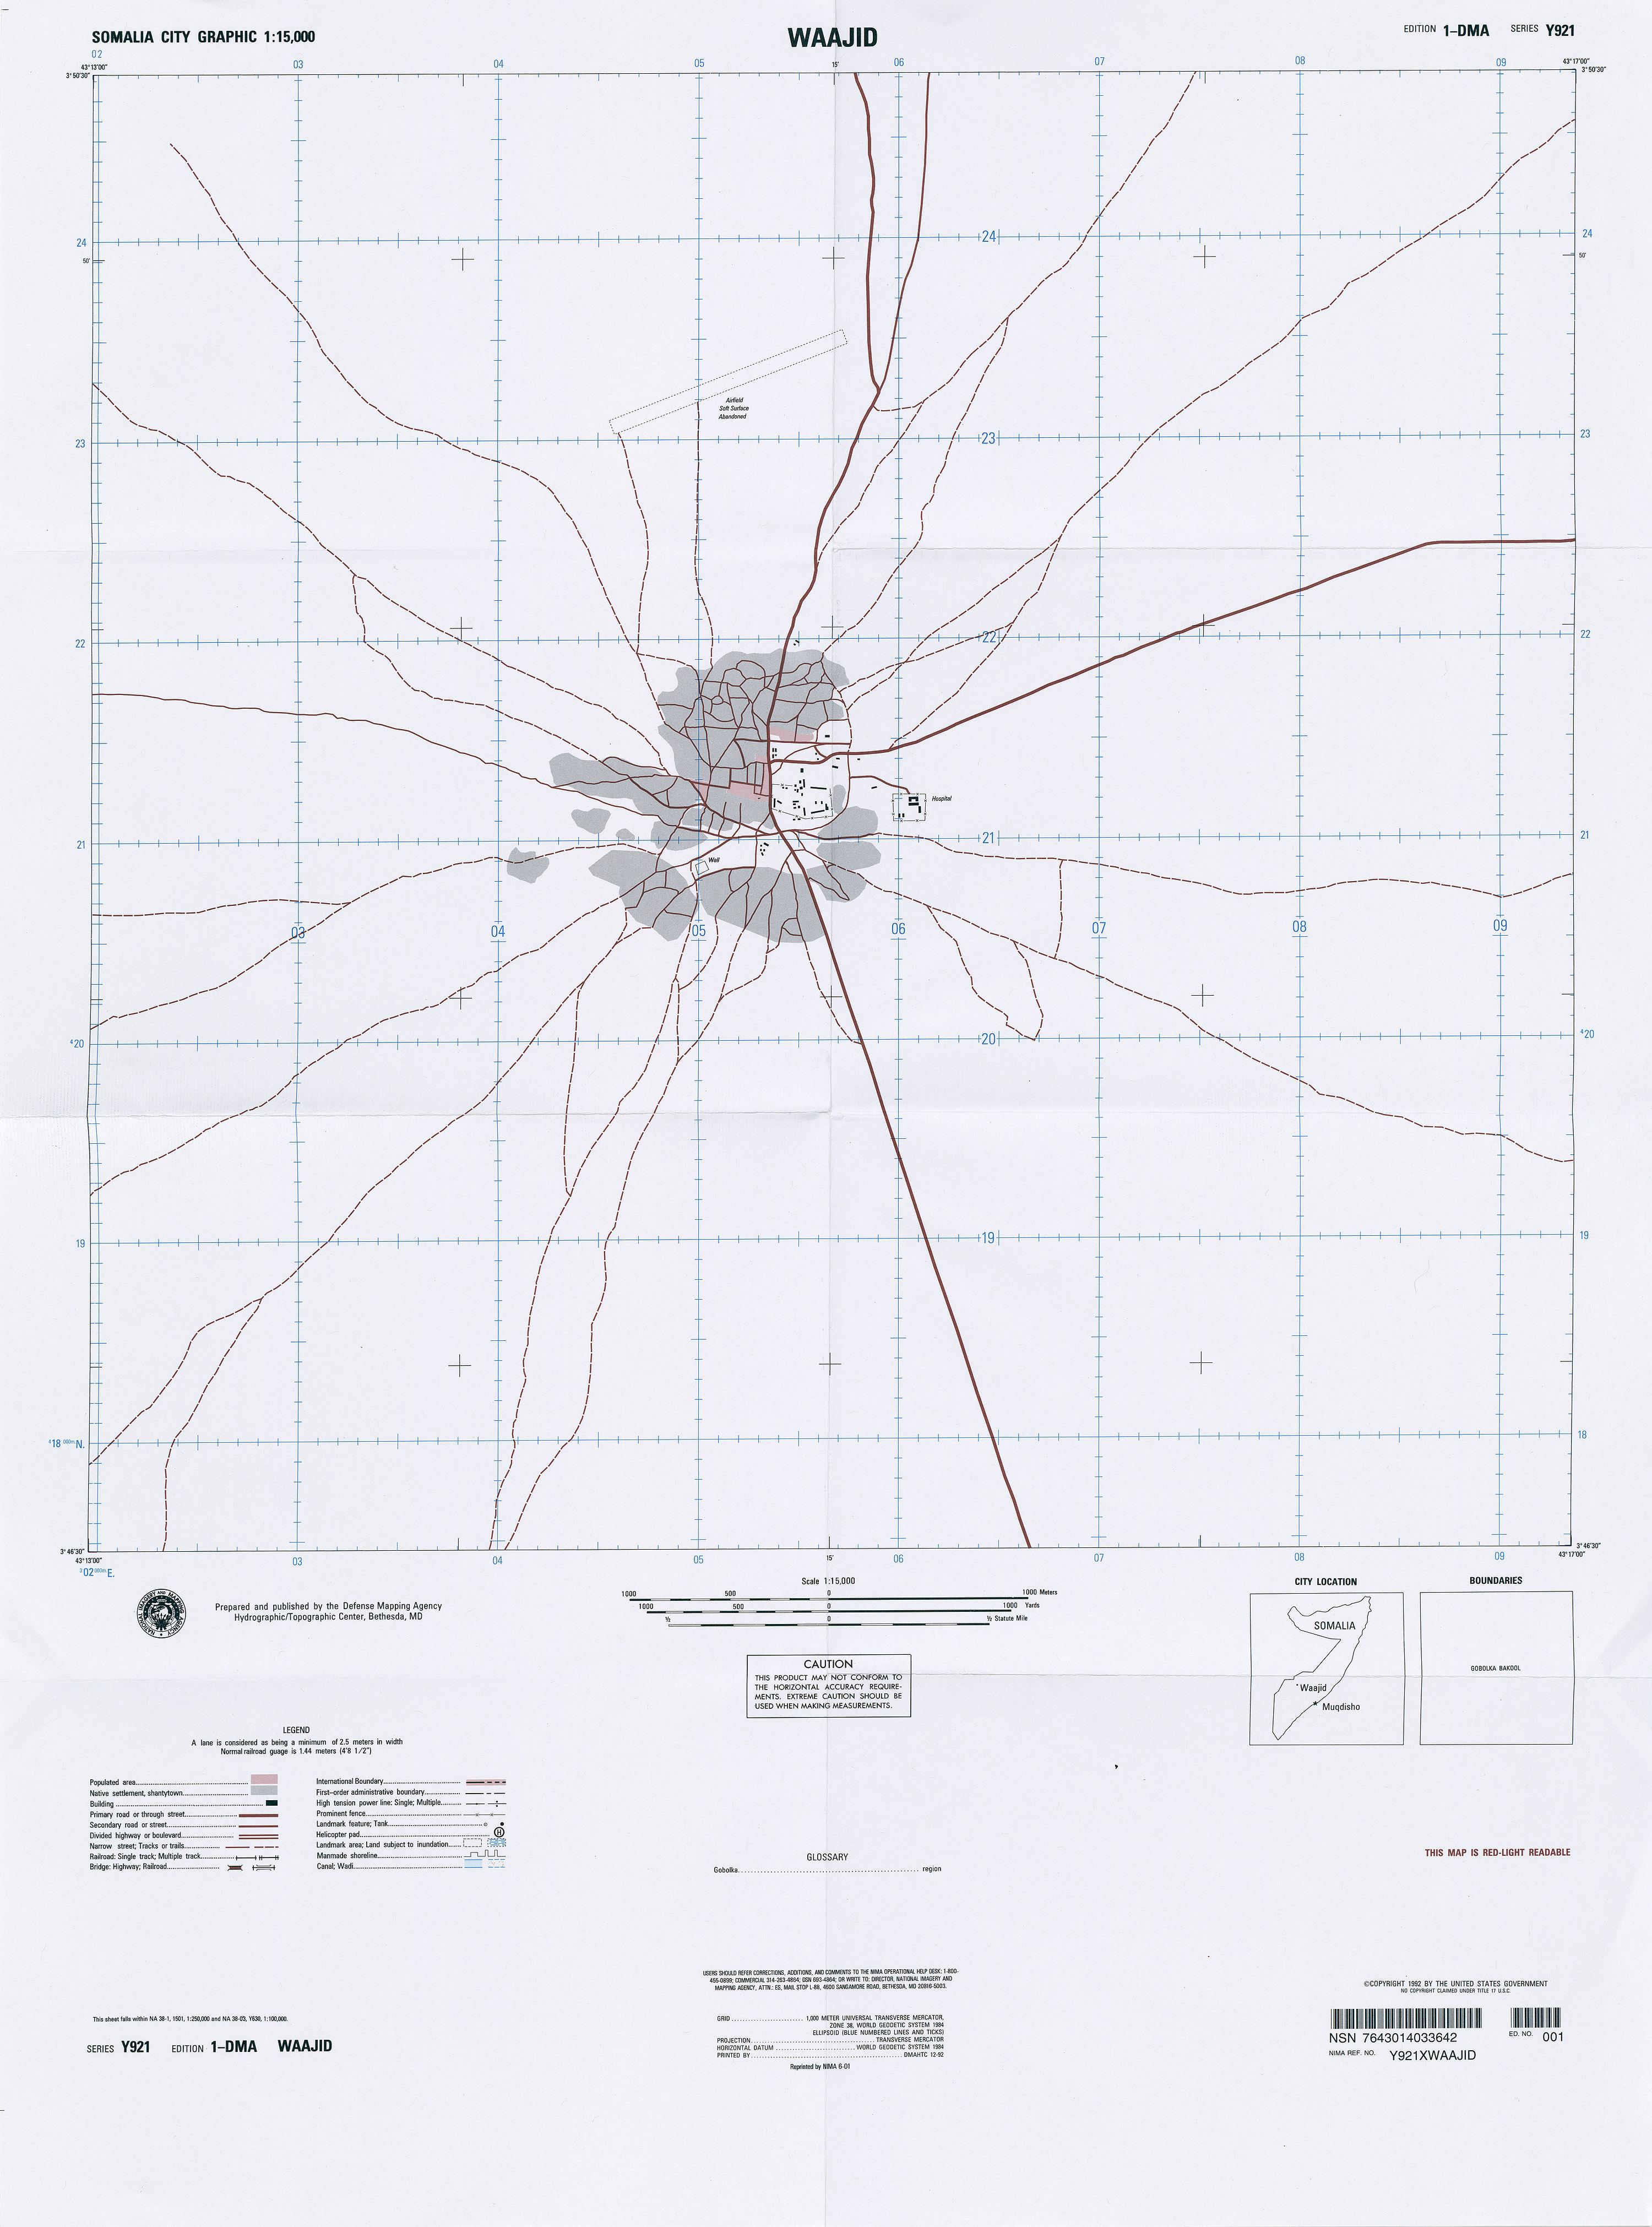 Mapa de la Ciudad de Wajid, Somalia